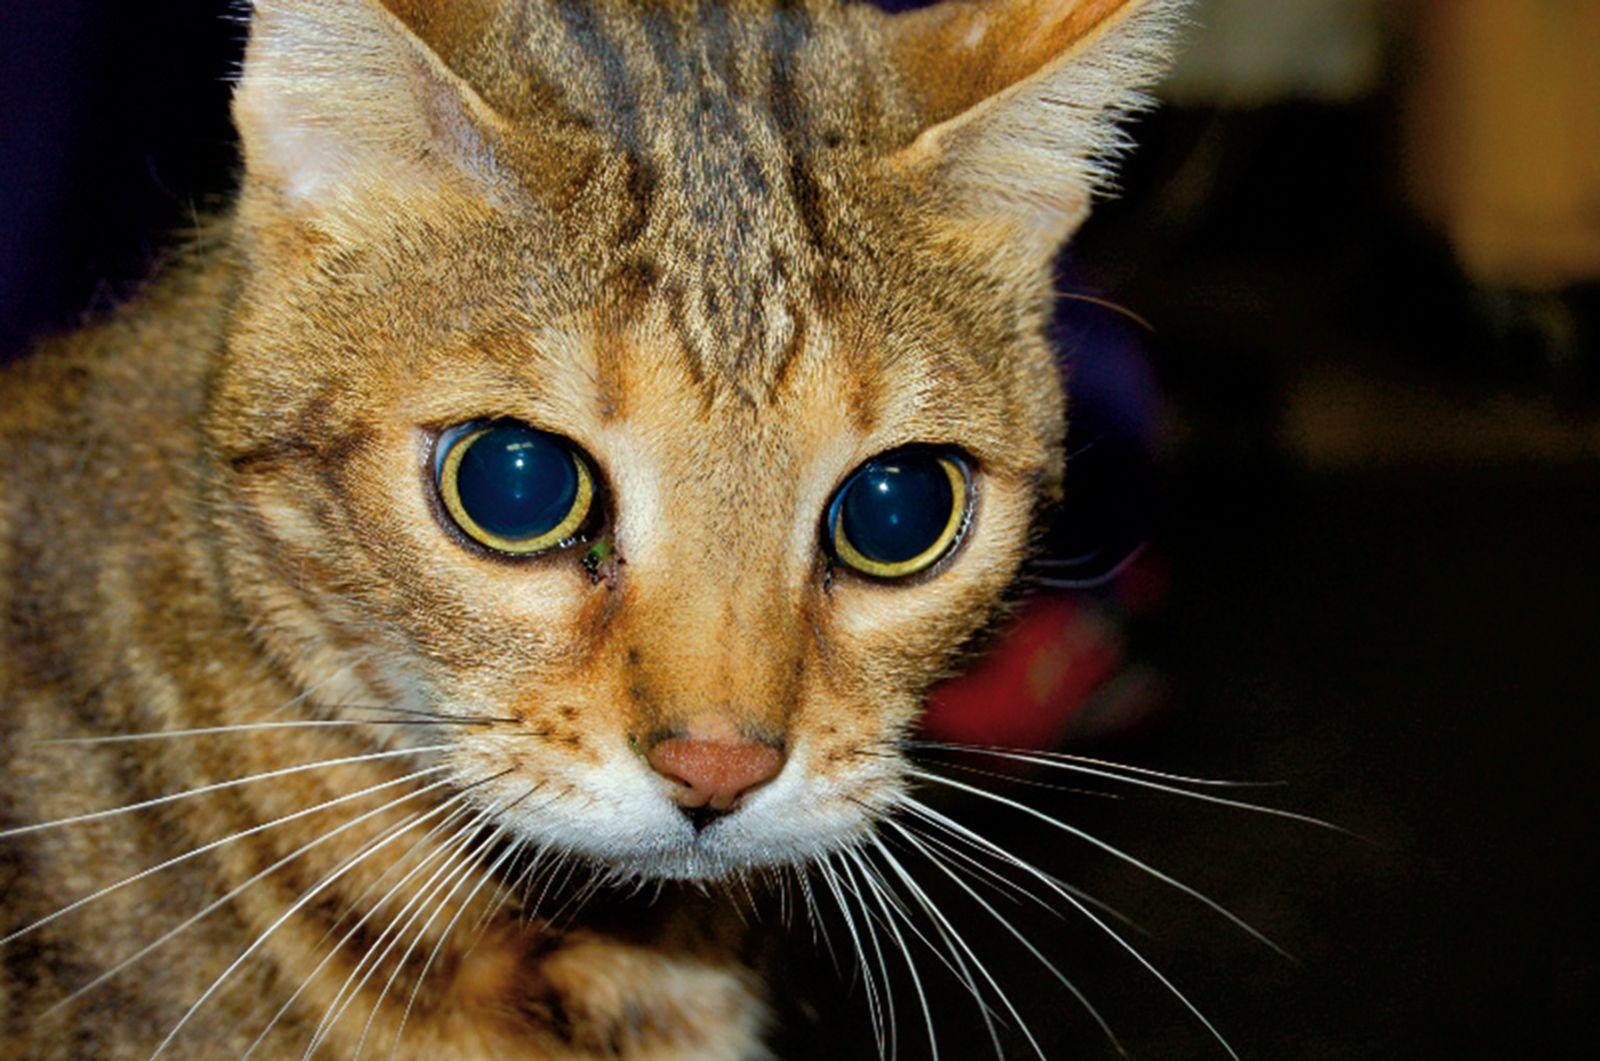 Midriasis bilateral en un gato. La lesión puede sugerir una patología cerebral grave como consecuencia del traumatismo craneoencefálico, pero en este caso la midriasis se debe a la lesión bilateral de la retina como consecuencia del traumatismo, esta sospecha se basó en el nivel de consciencia normal del gato.